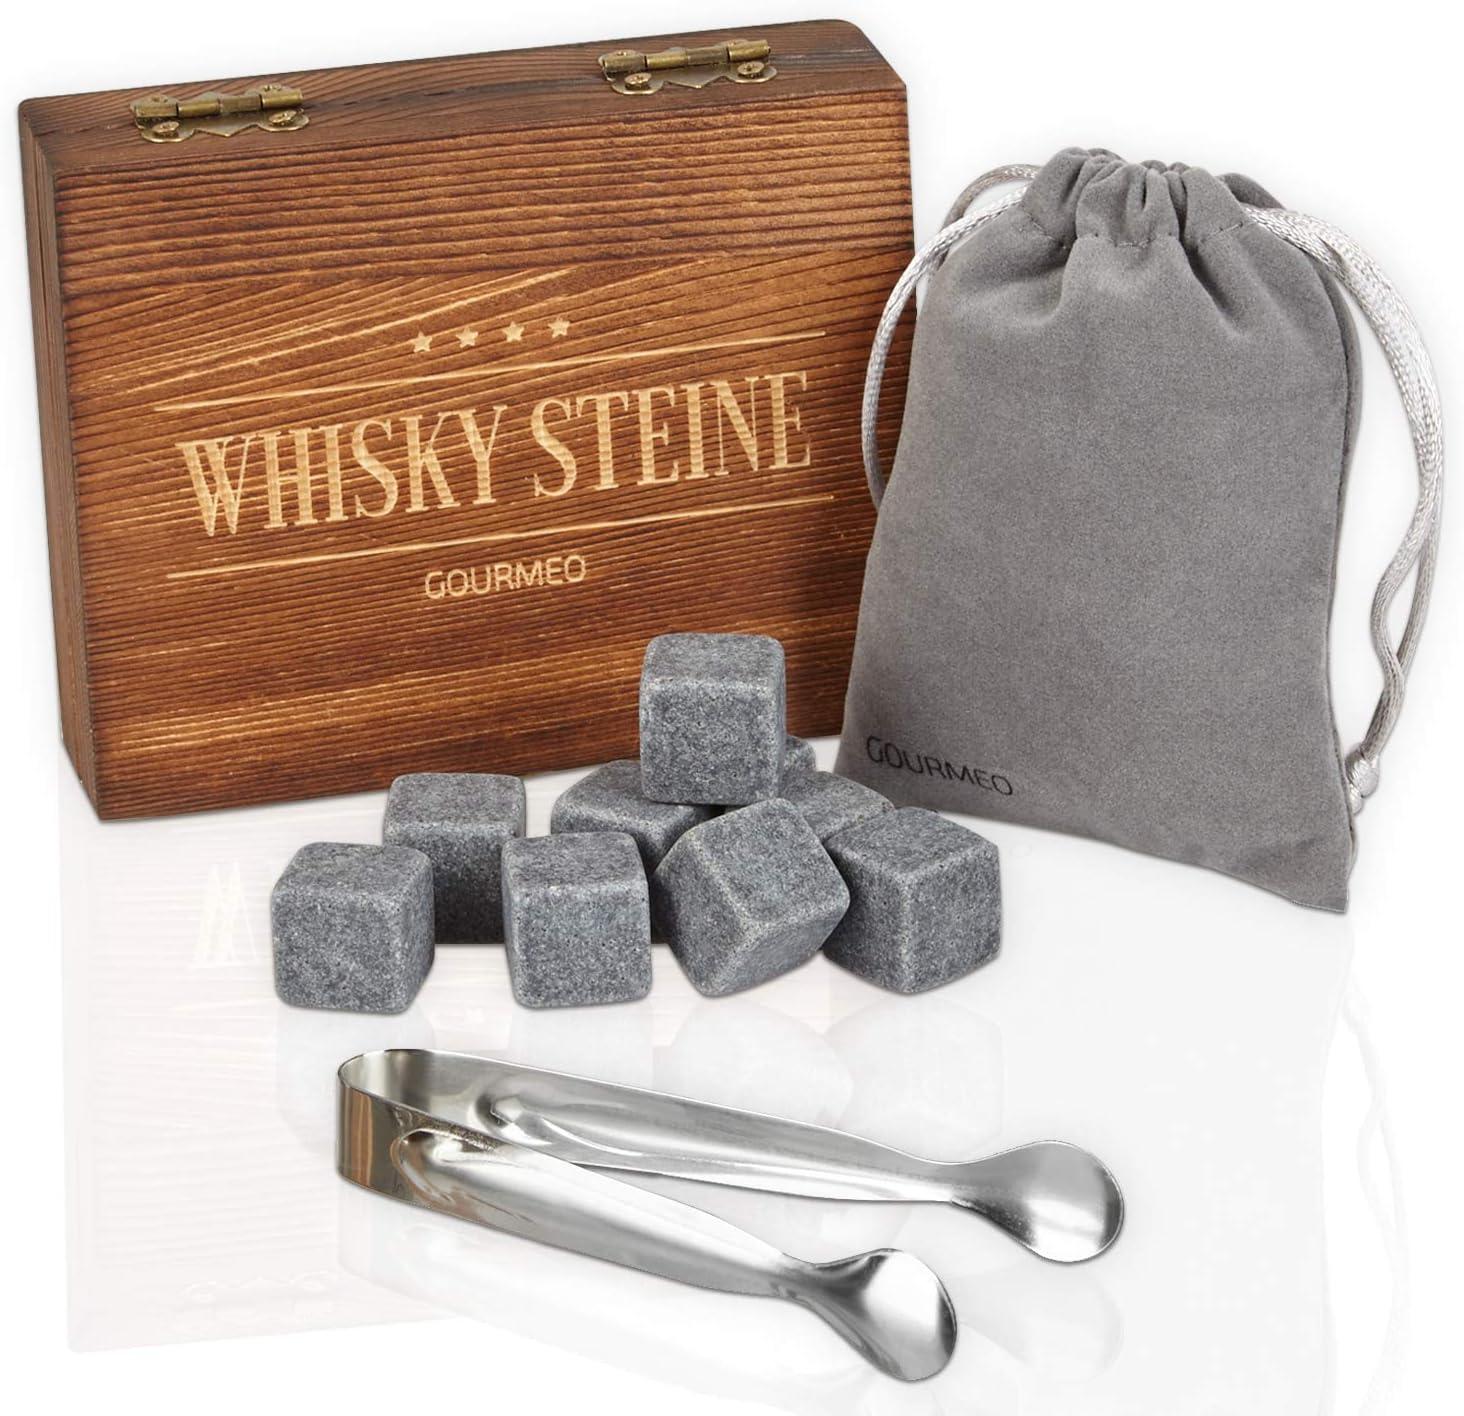 GOURMEO piedras para whisky (9 unidades) de esteatita natural ...